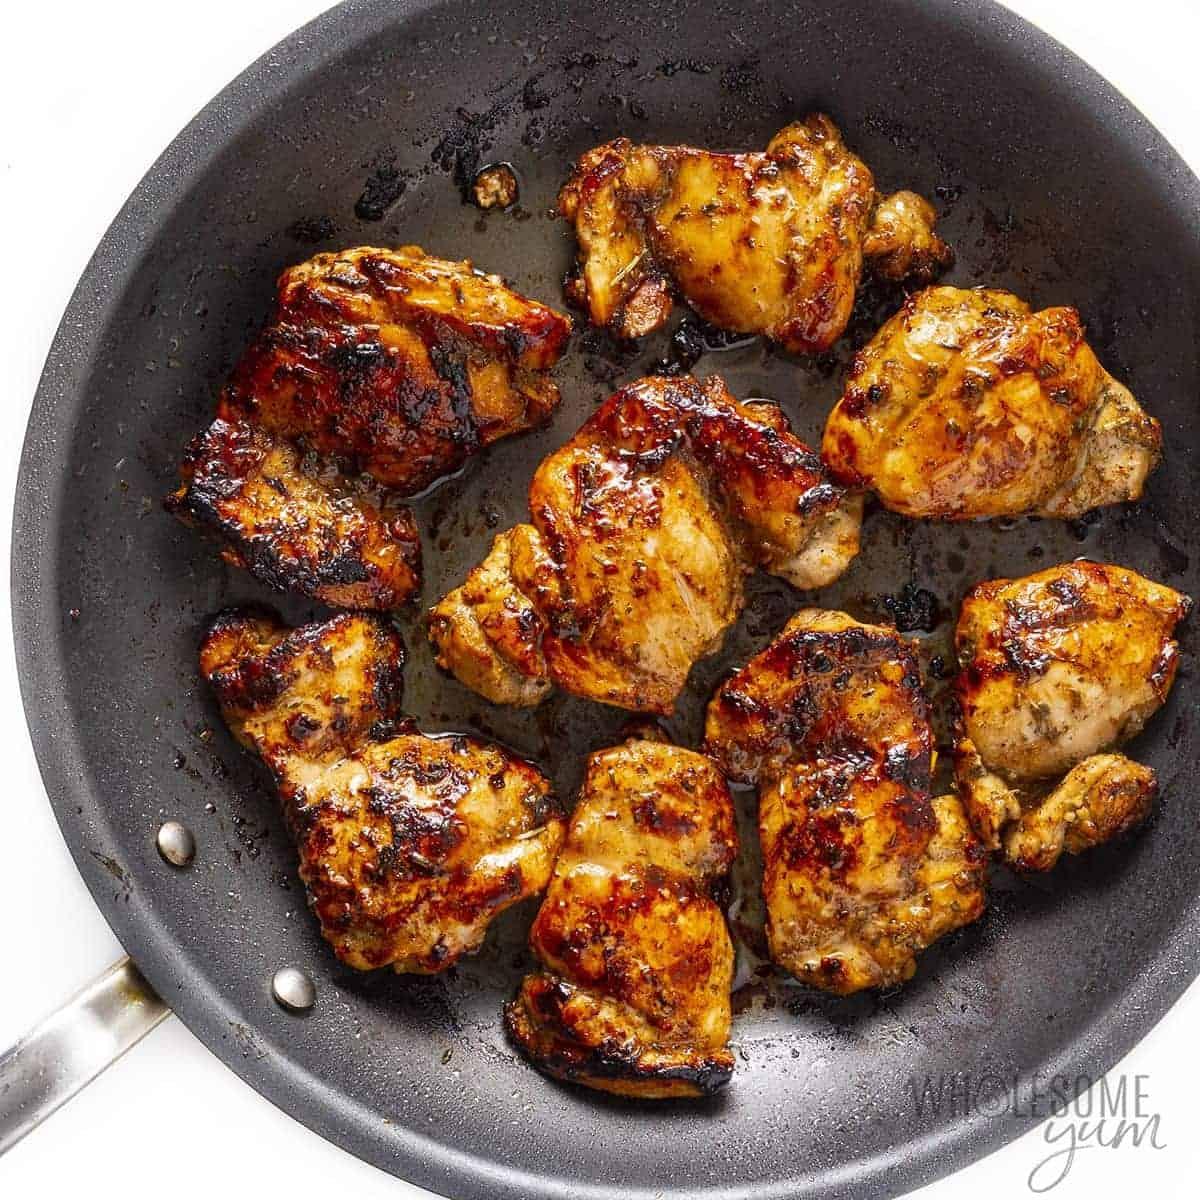 Mediterranean chicken seared in a pan